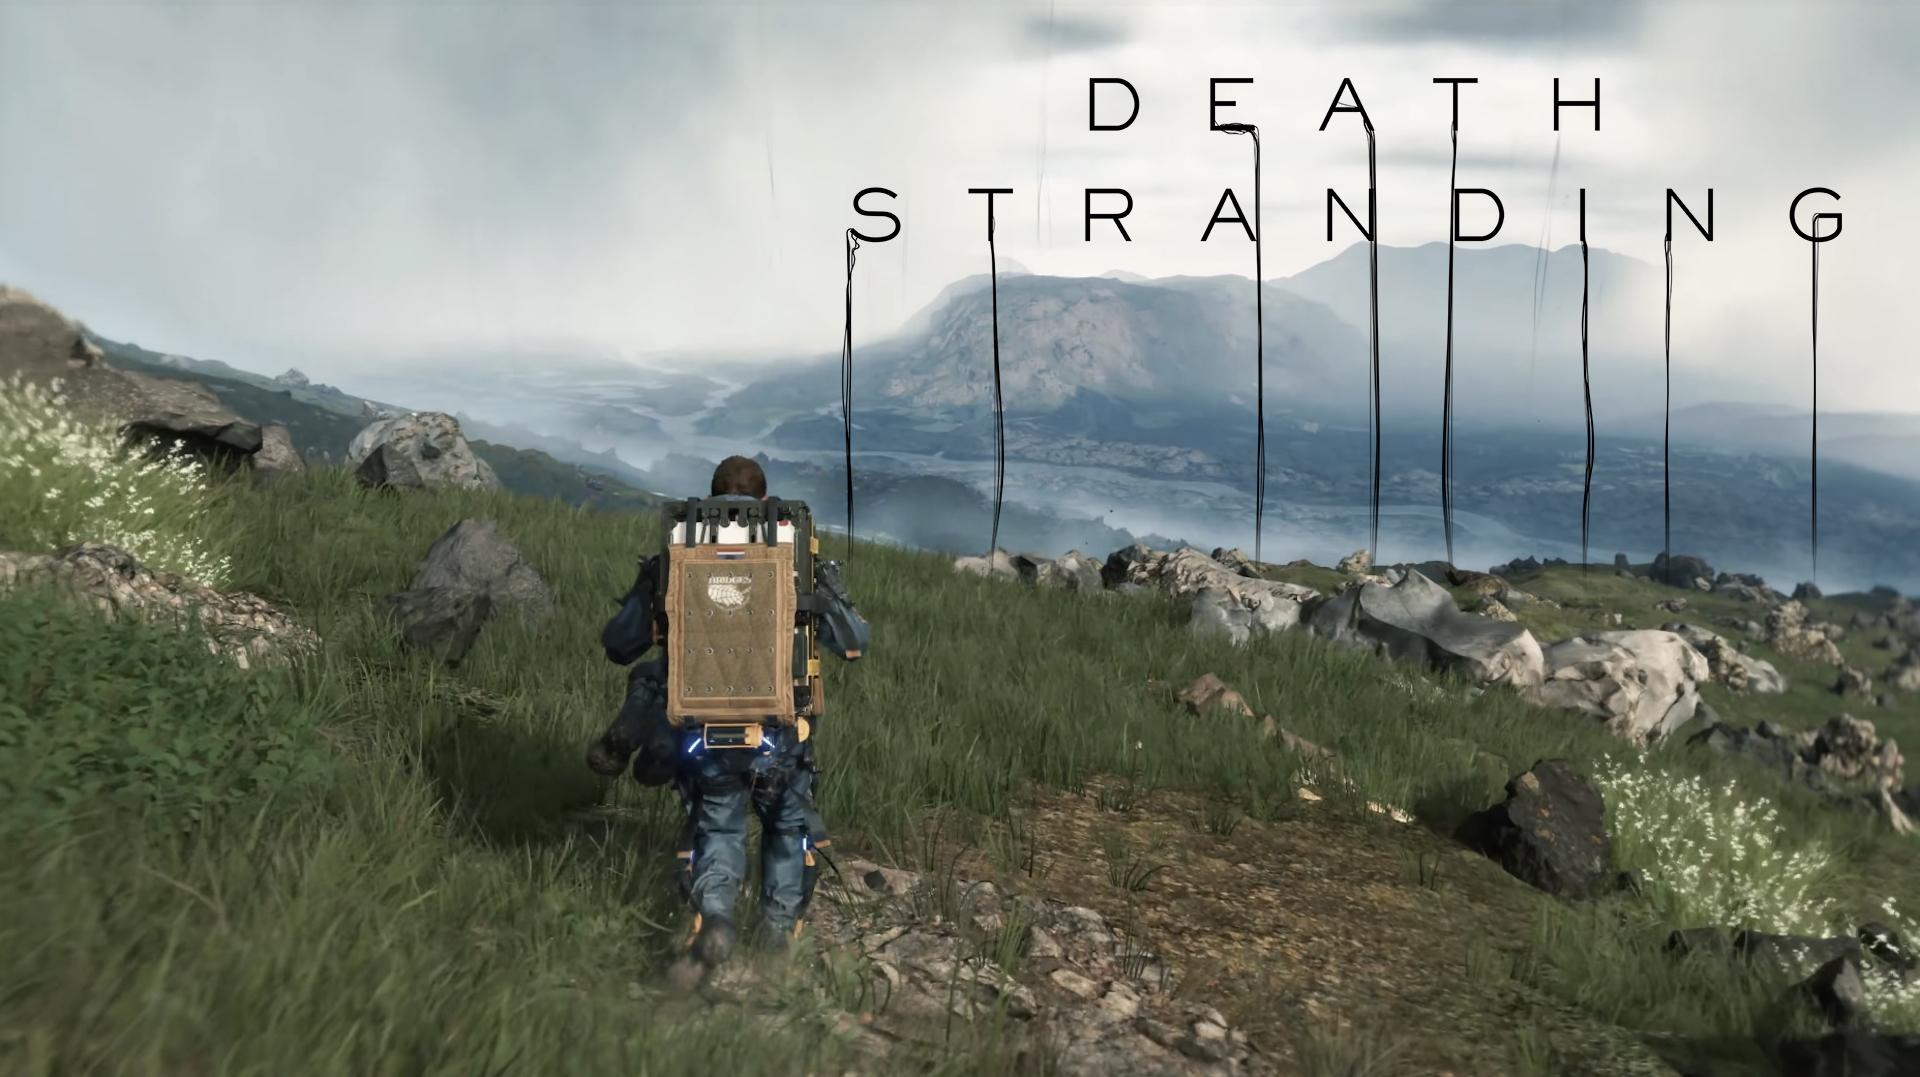 It's not Amazon, it's Death Stranding